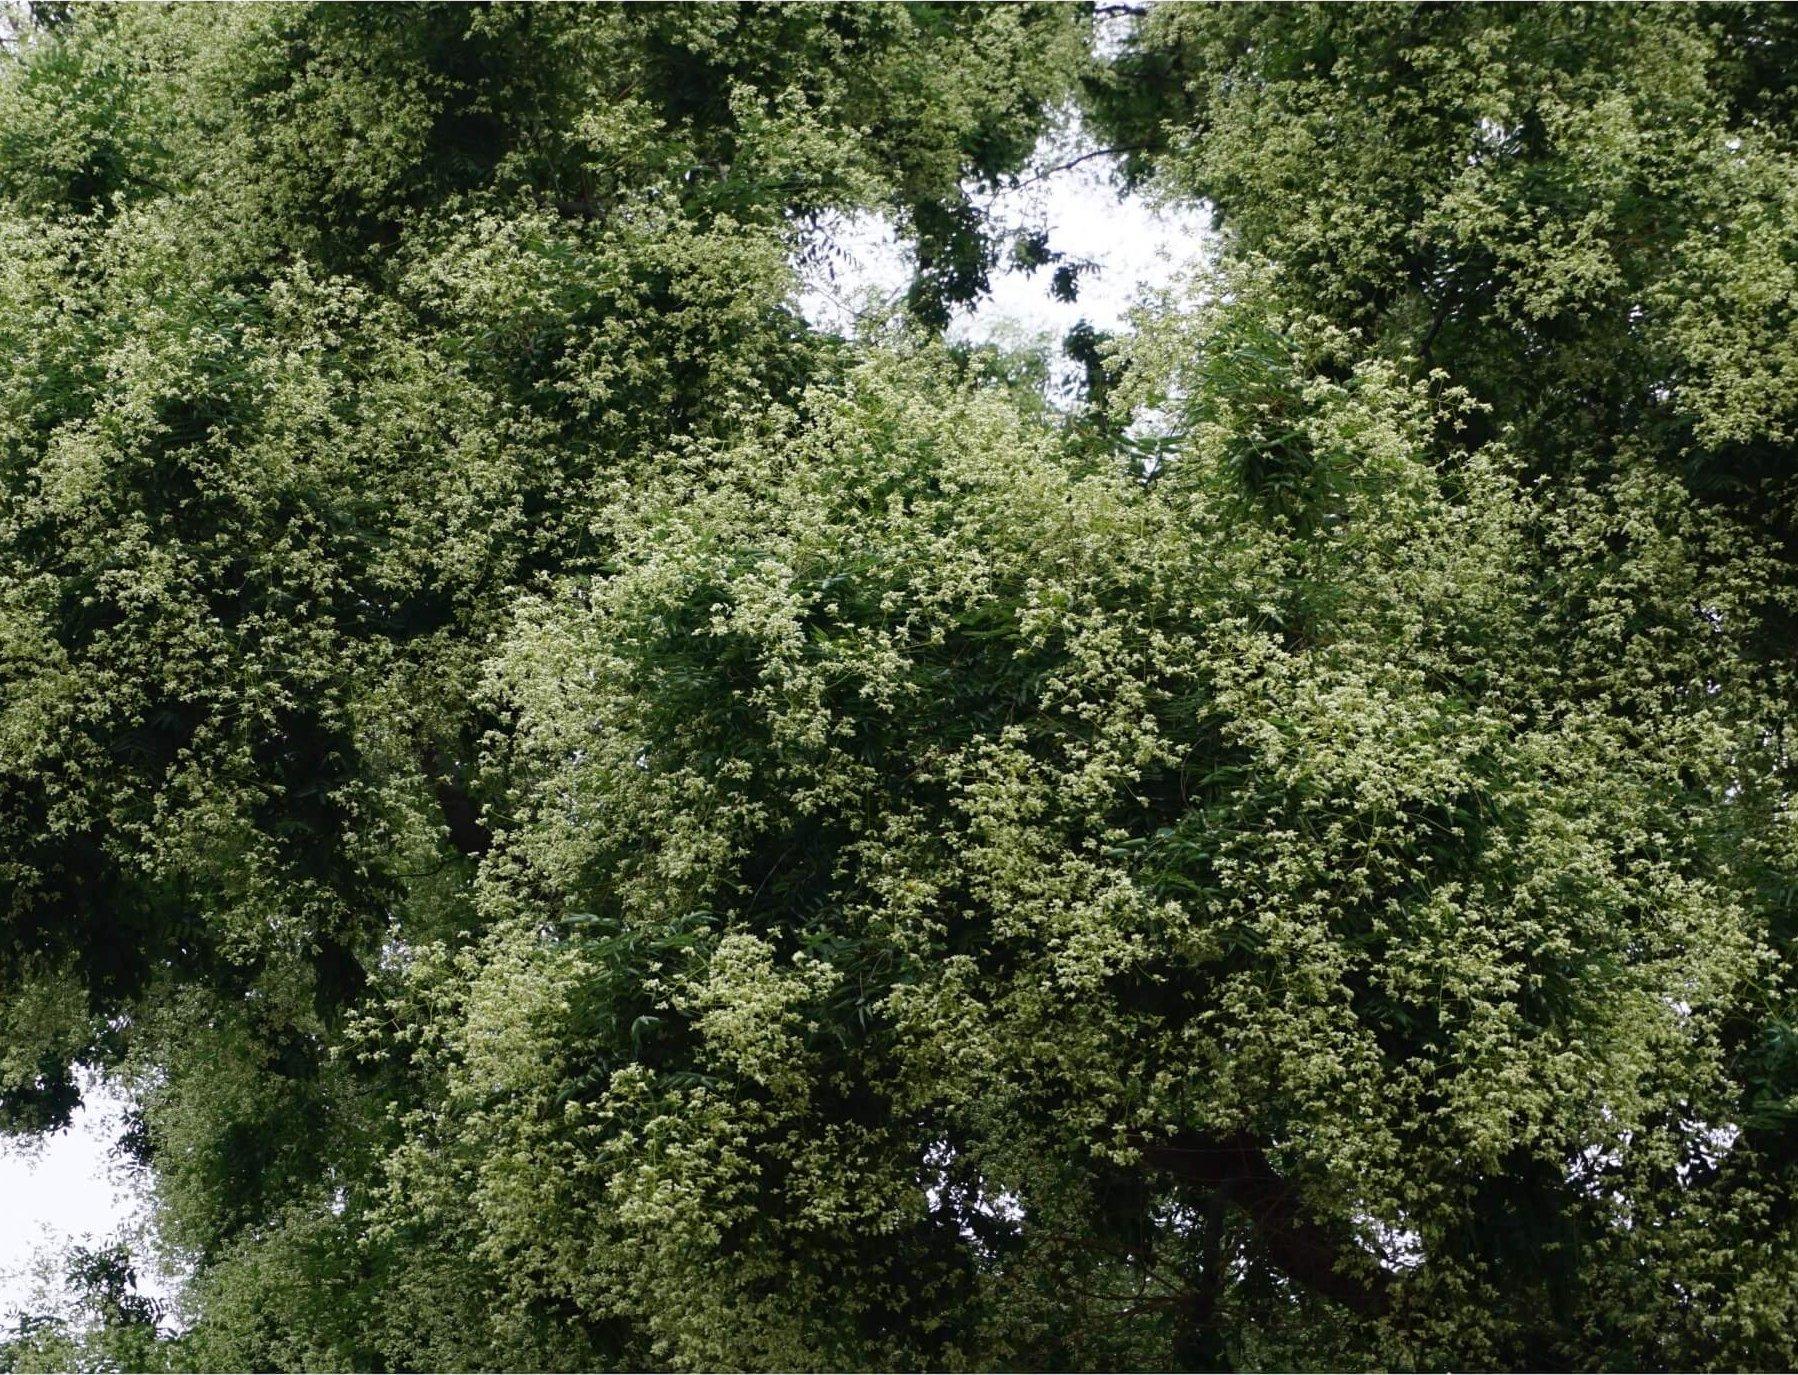 Das Bild zeigt einen Ausschnitt aus der Krone eines Schnurbaumes mit zahlreichen Blütenrispen und cremeweißen Blüten. Der Baum steht unweit des Rathauses Köpenick.